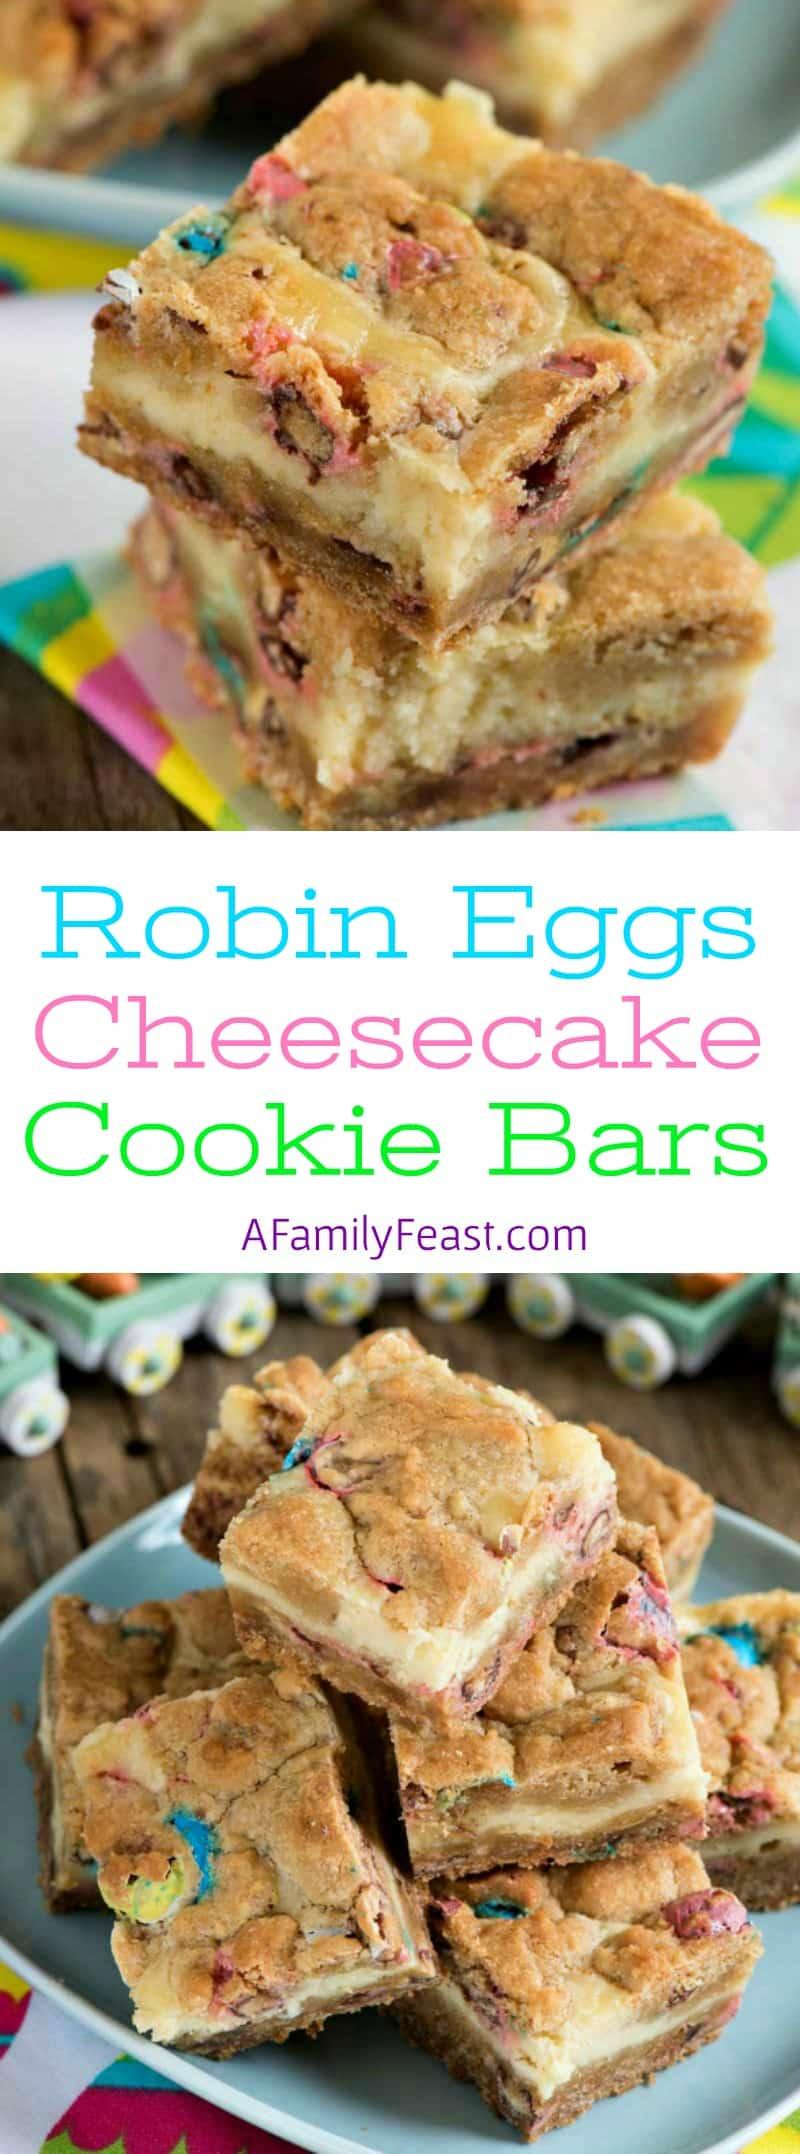 Robin Egg Cheesecake Cookie Bars